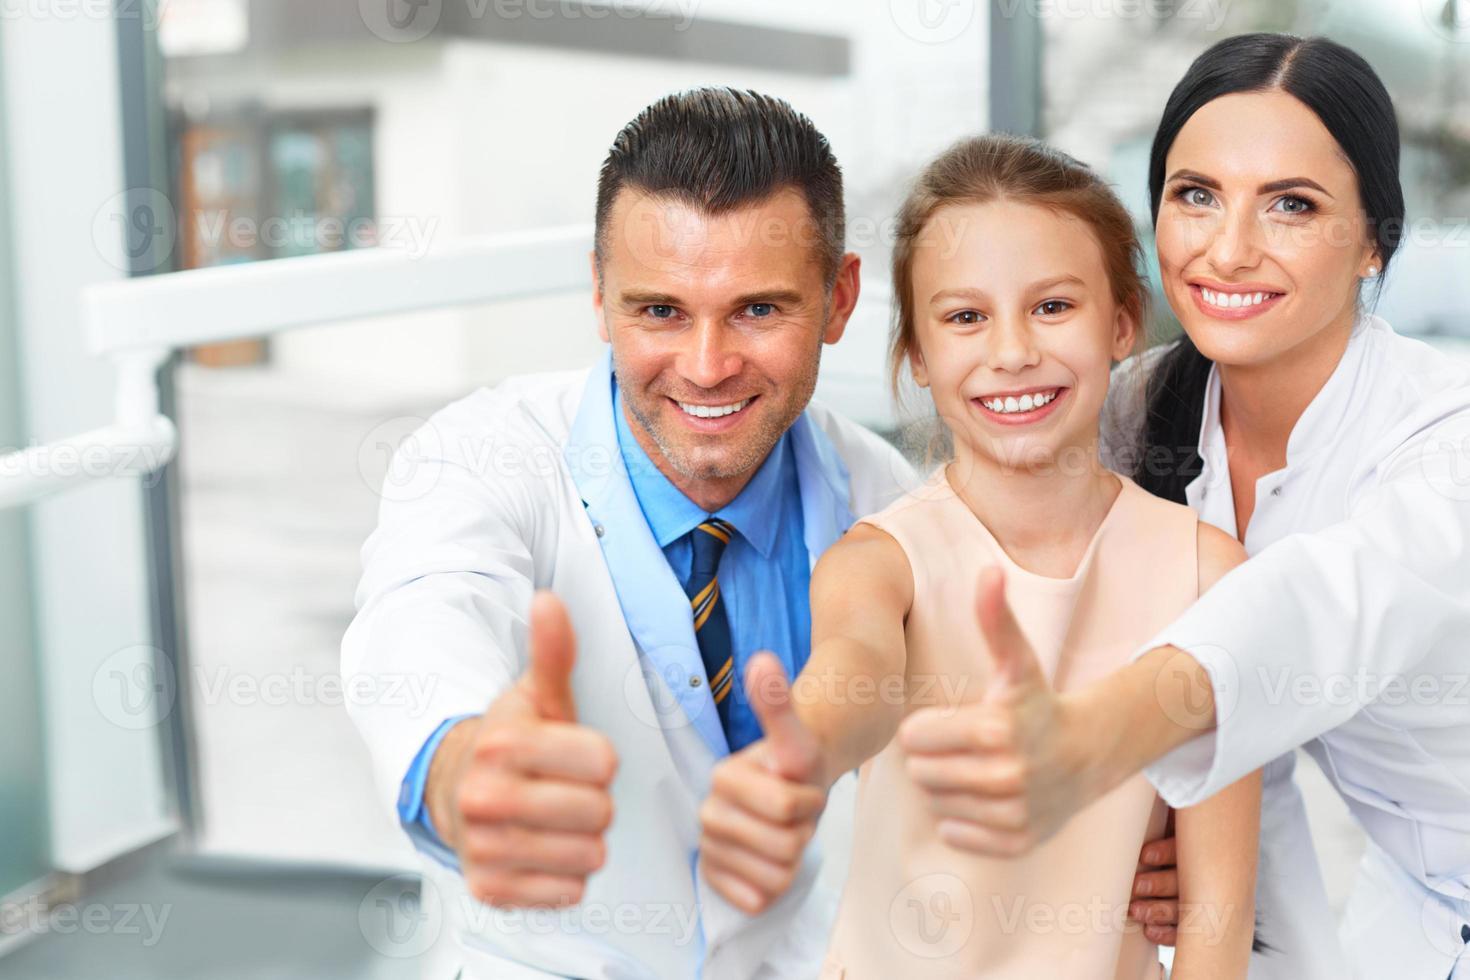 tandarts arts, assistent en klein meisje glimlachen allemaal op camera foto